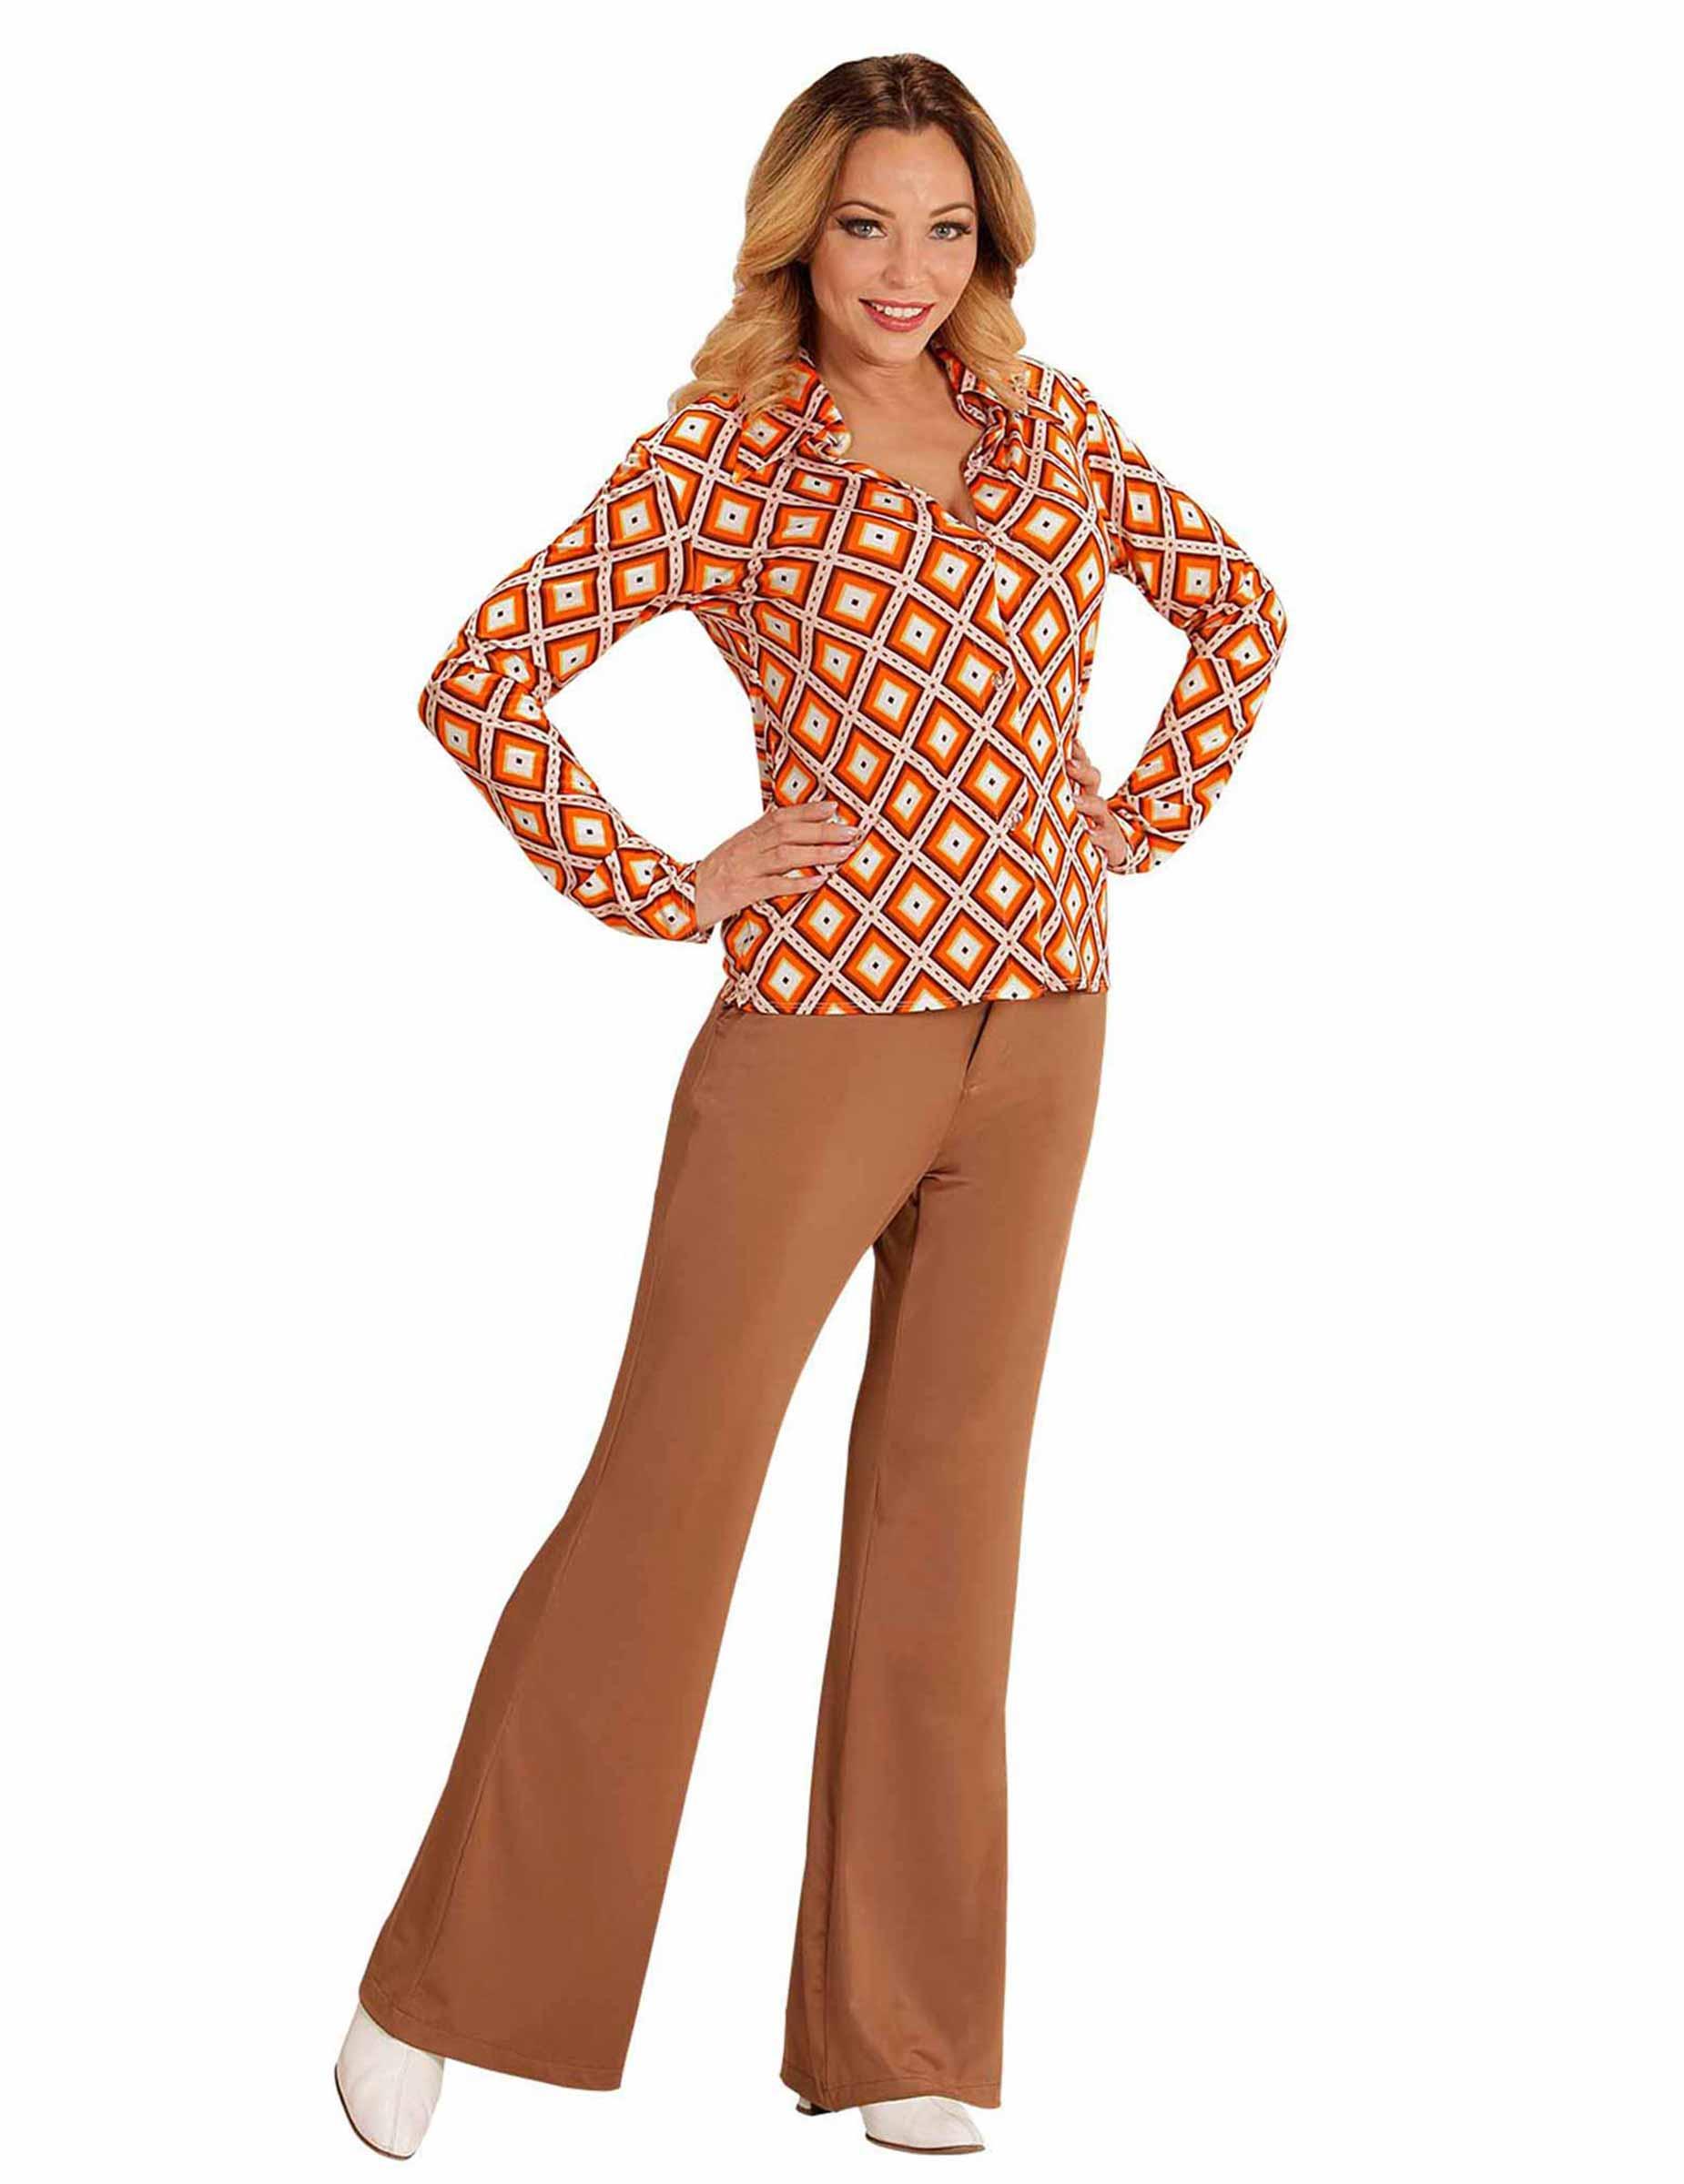 chemise groovy r tro ann es 70 femme deguise toi achat de d guisements adultes. Black Bedroom Furniture Sets. Home Design Ideas